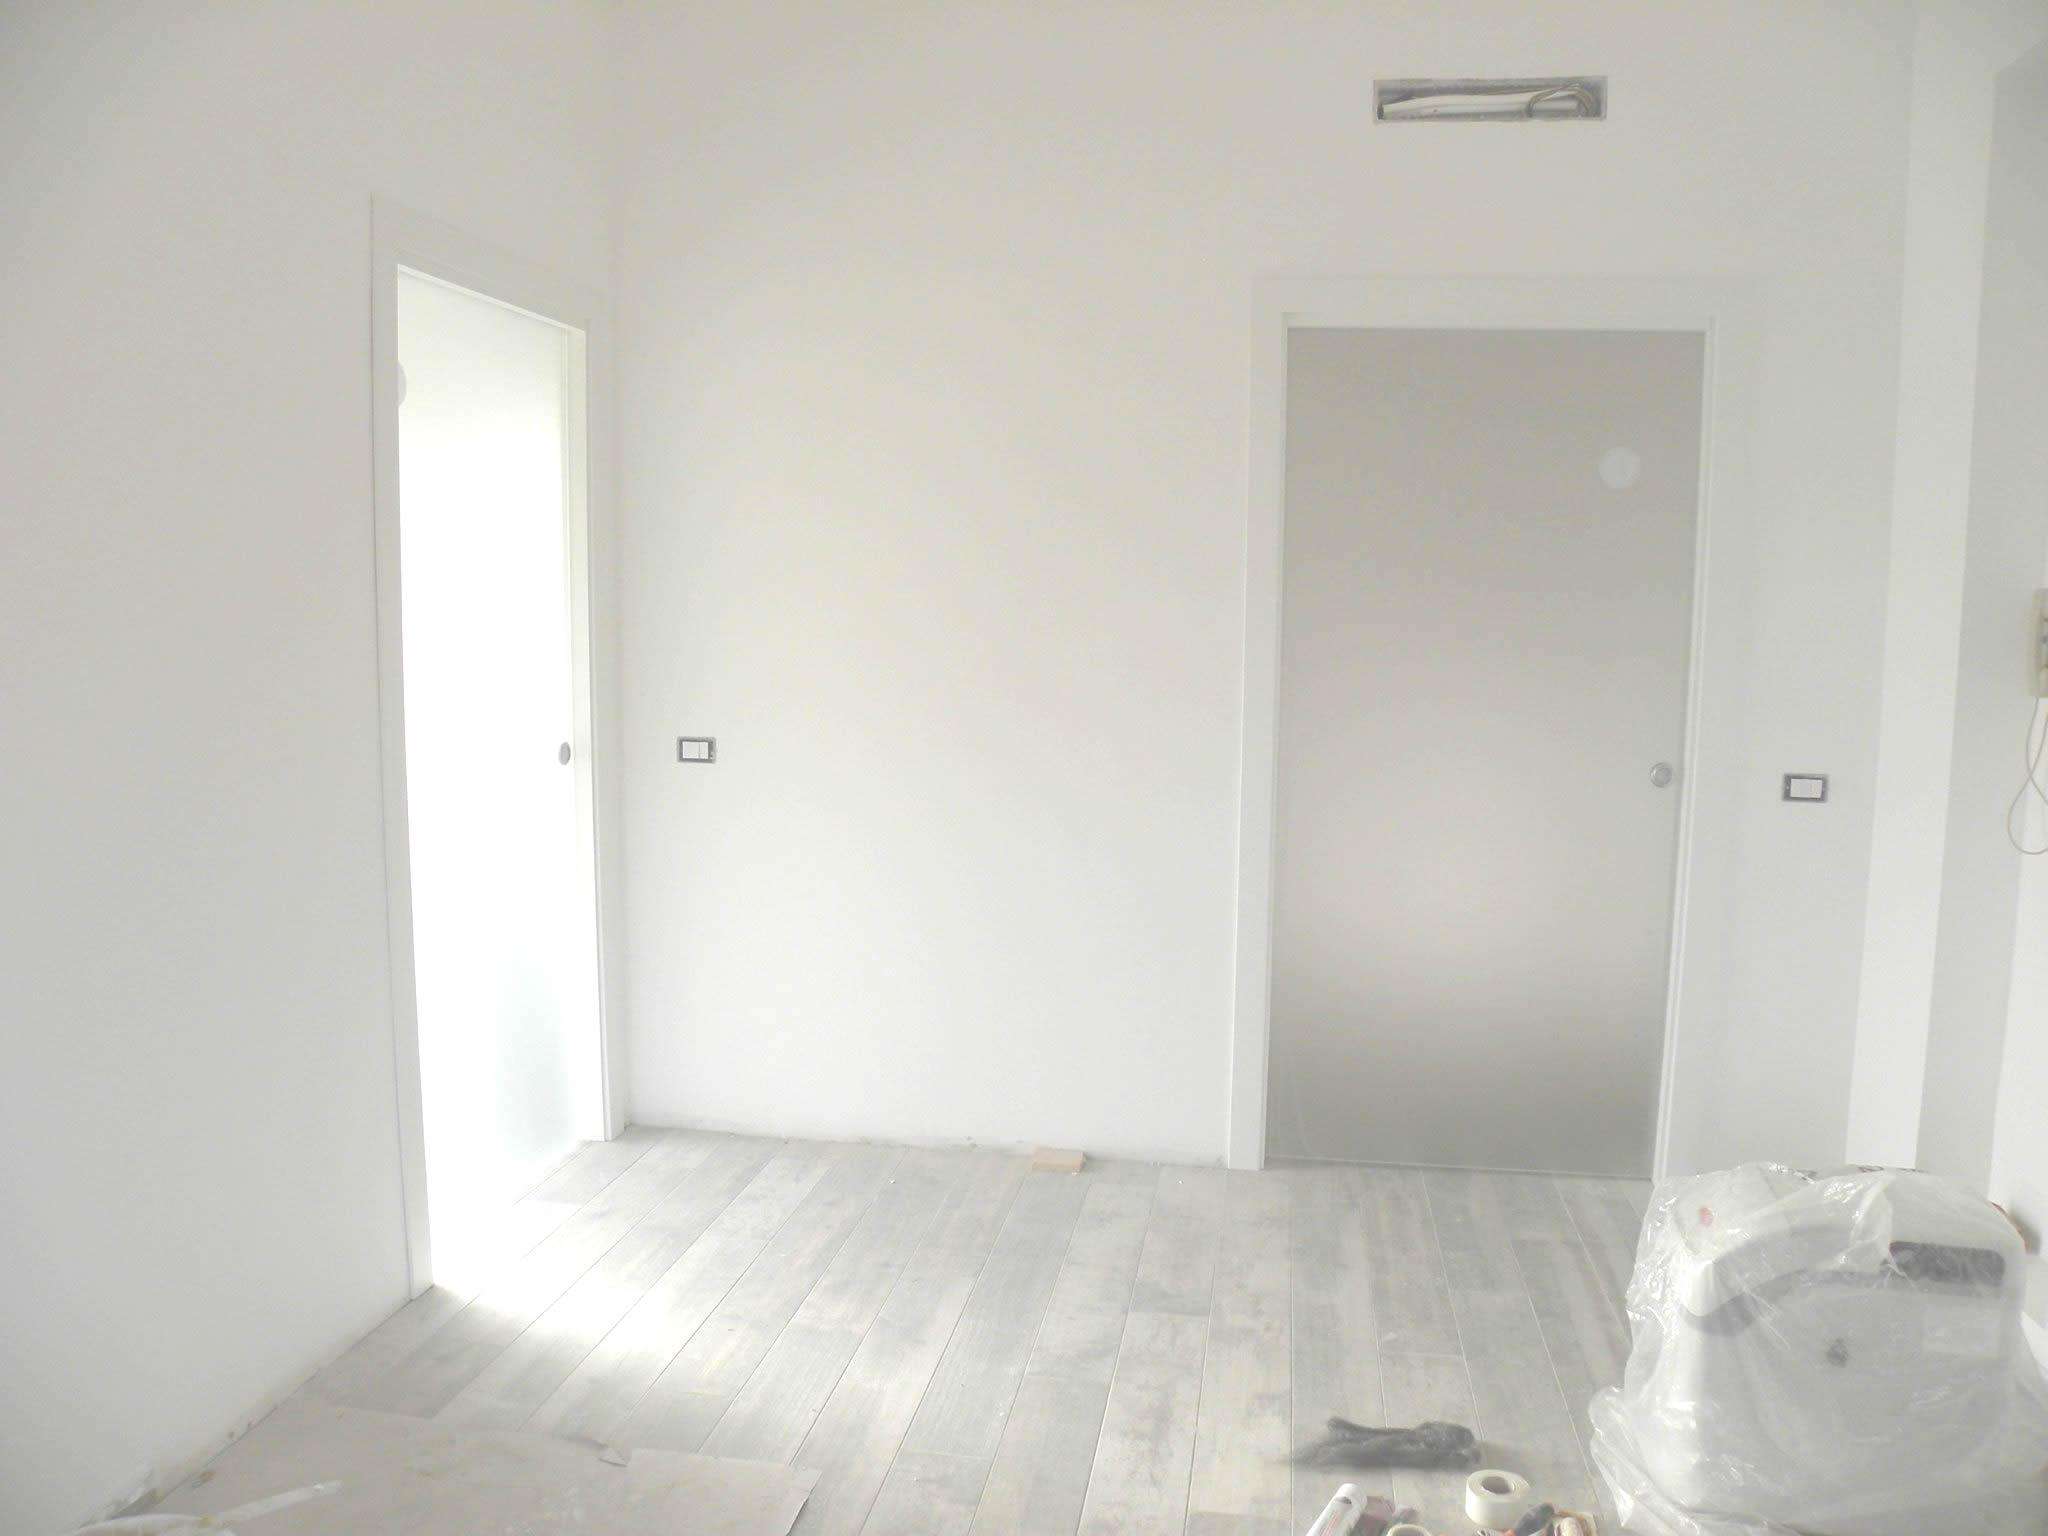 Costo ristrutturazione appartamento roma - Quanto costa un impianto allarme casa ...